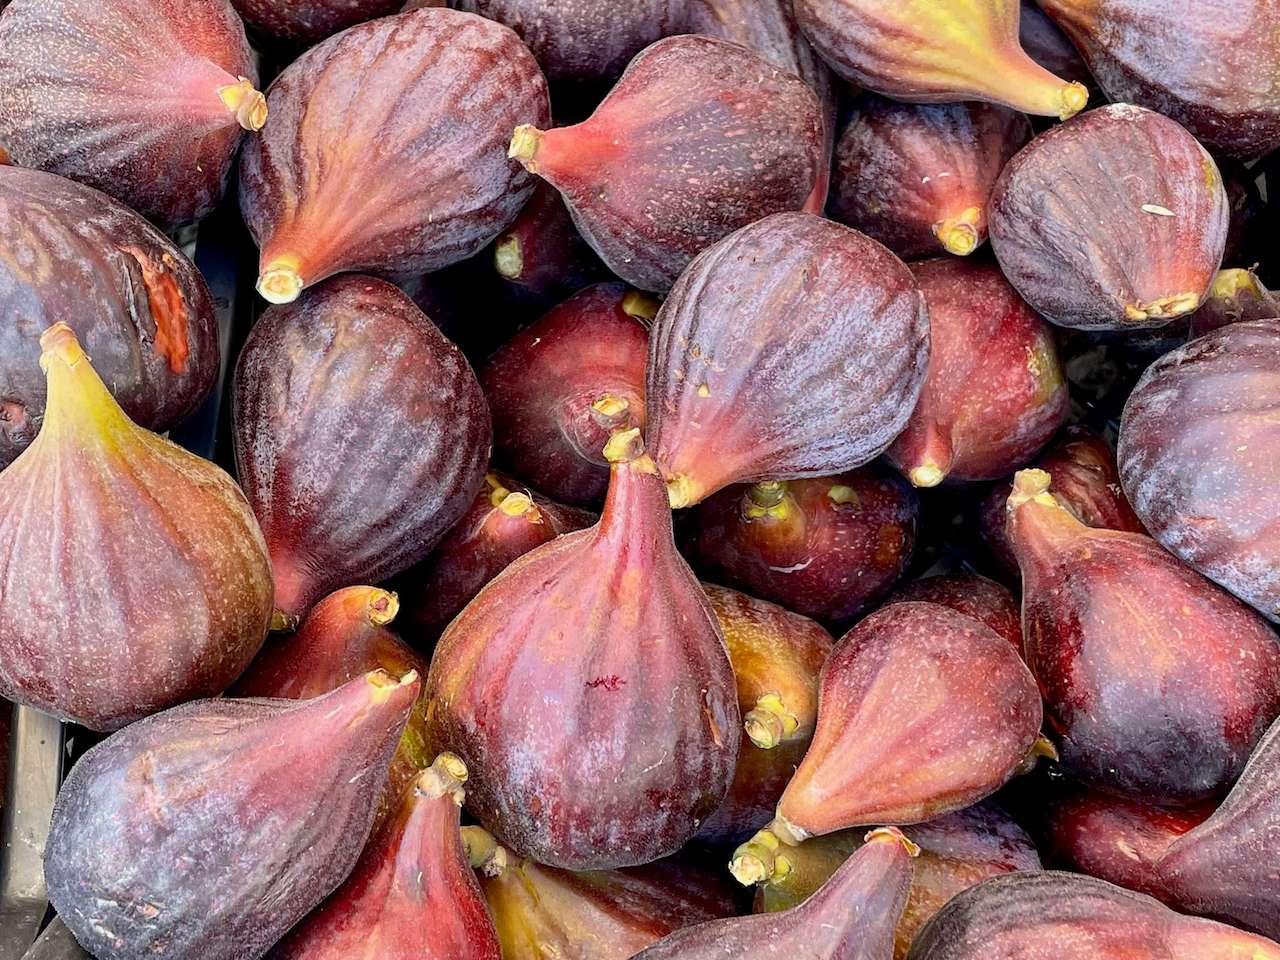 Albania, Tirana - figs